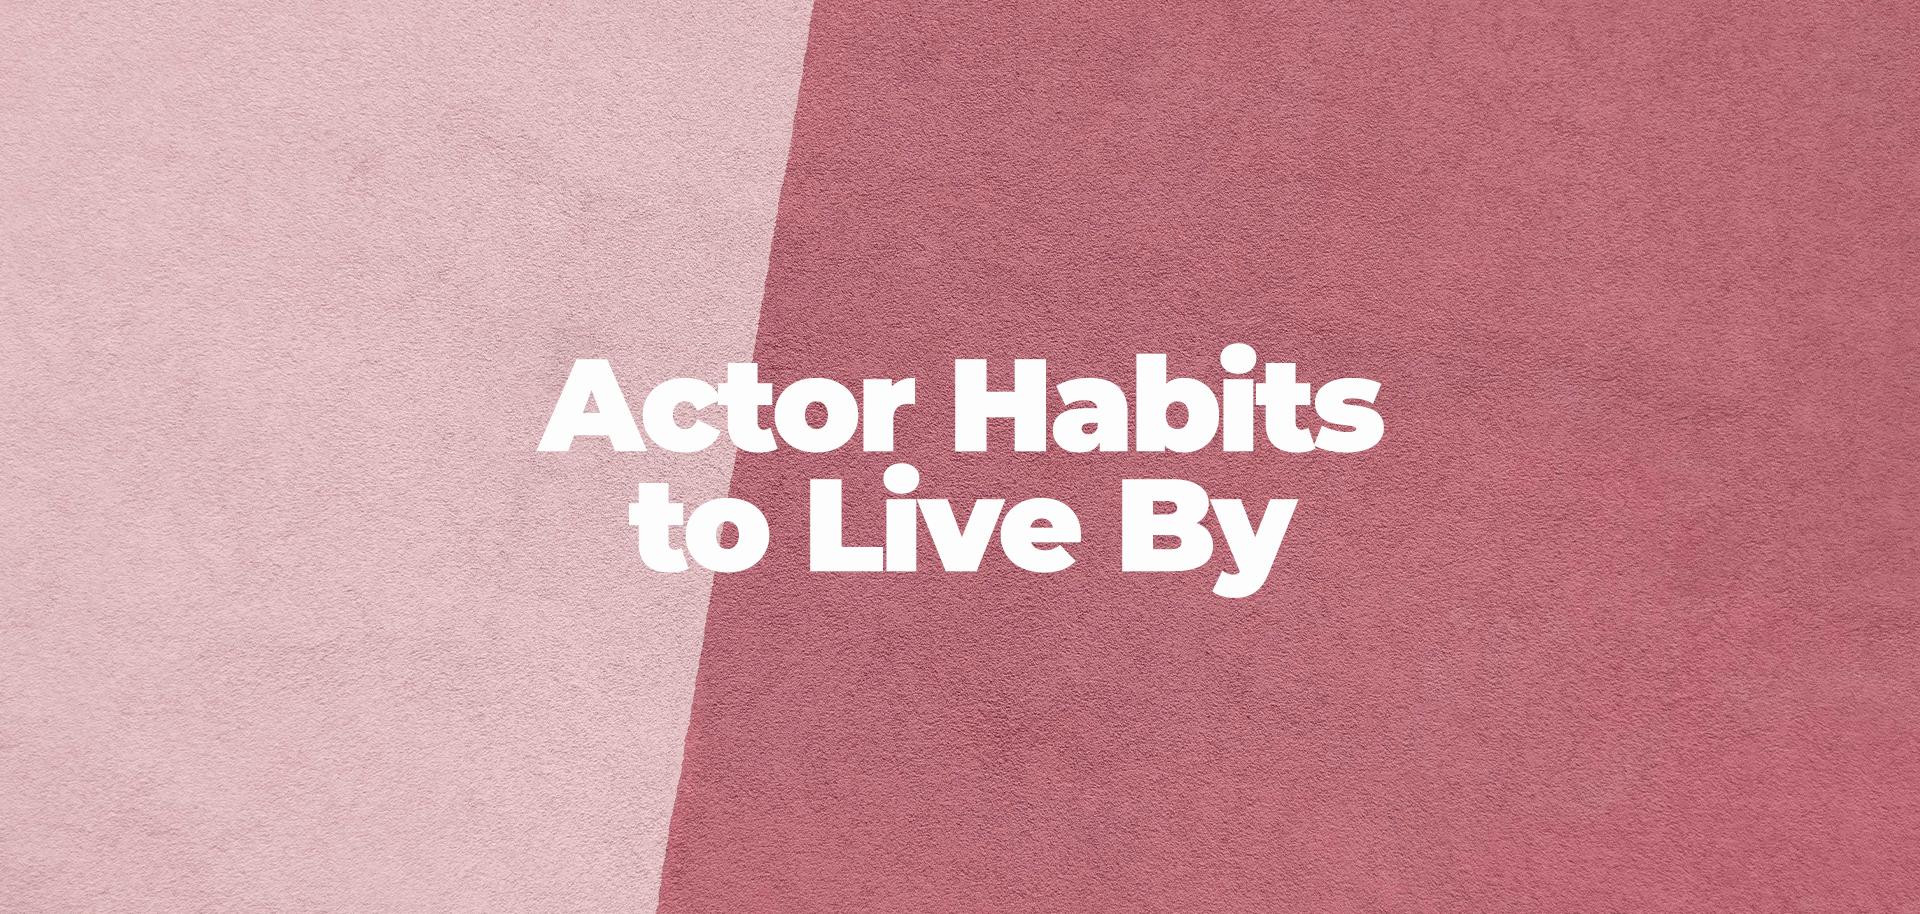 8 actor habits